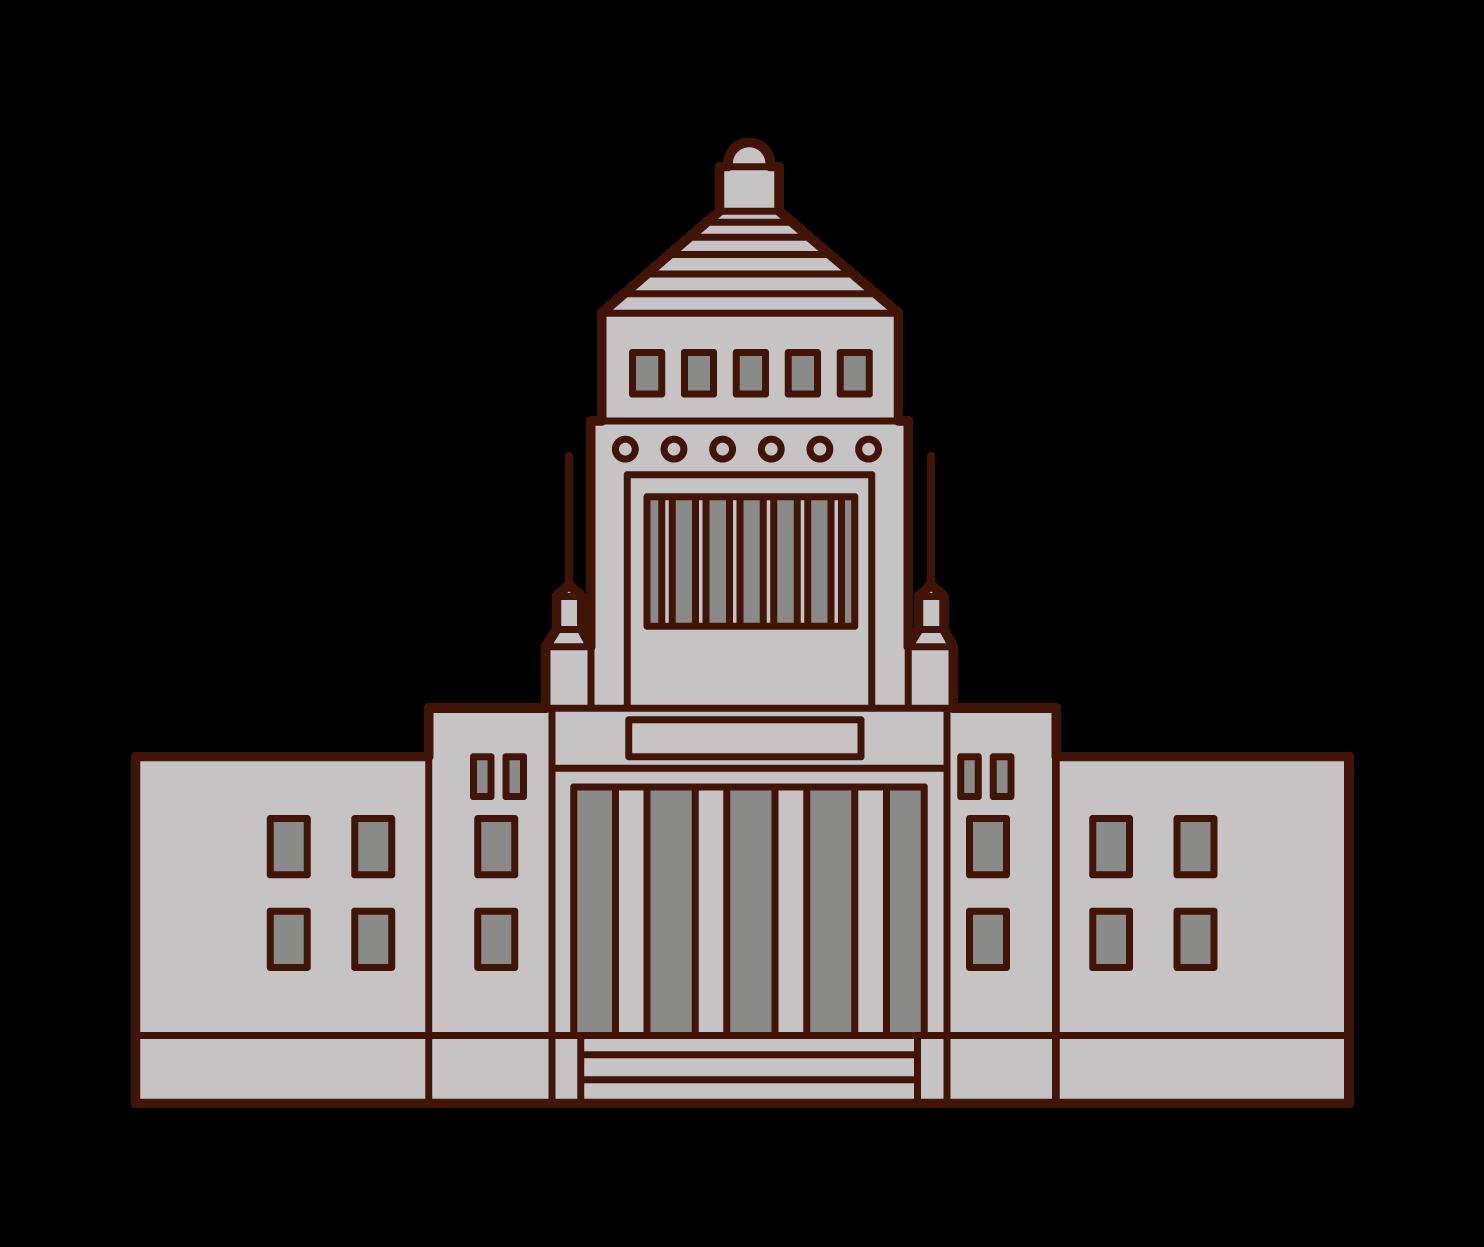 국회 의사당의 삽화